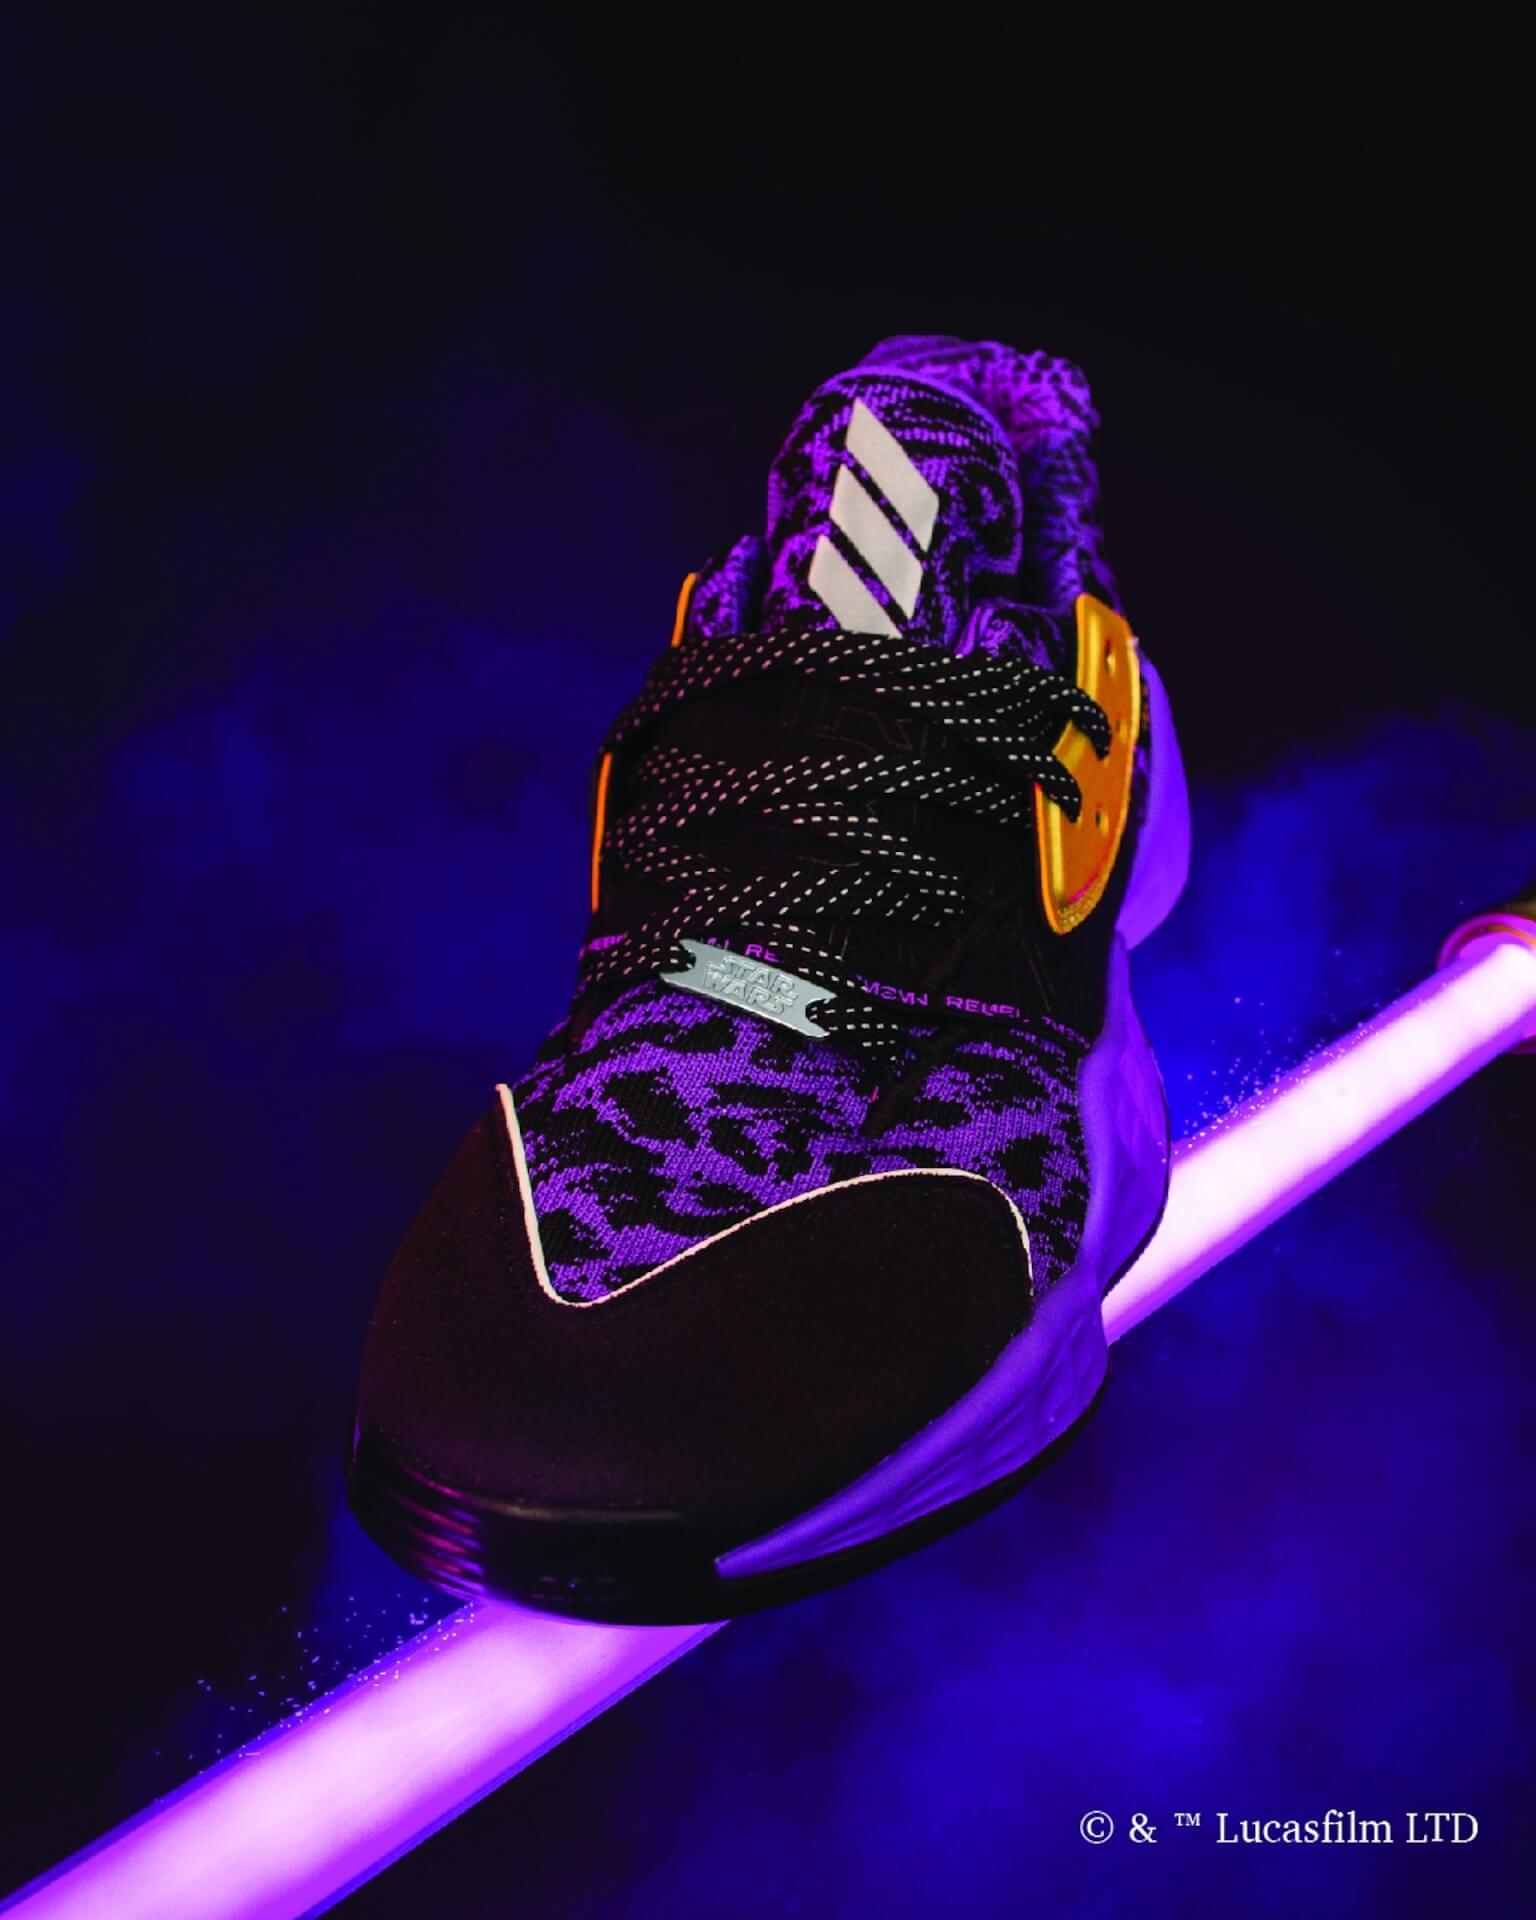 adidas「スター・ウォーズ」に登場するキャラクターやライトセーバーをモチーフにしたスニーカーを発売 life191029_starwars_adidas_17